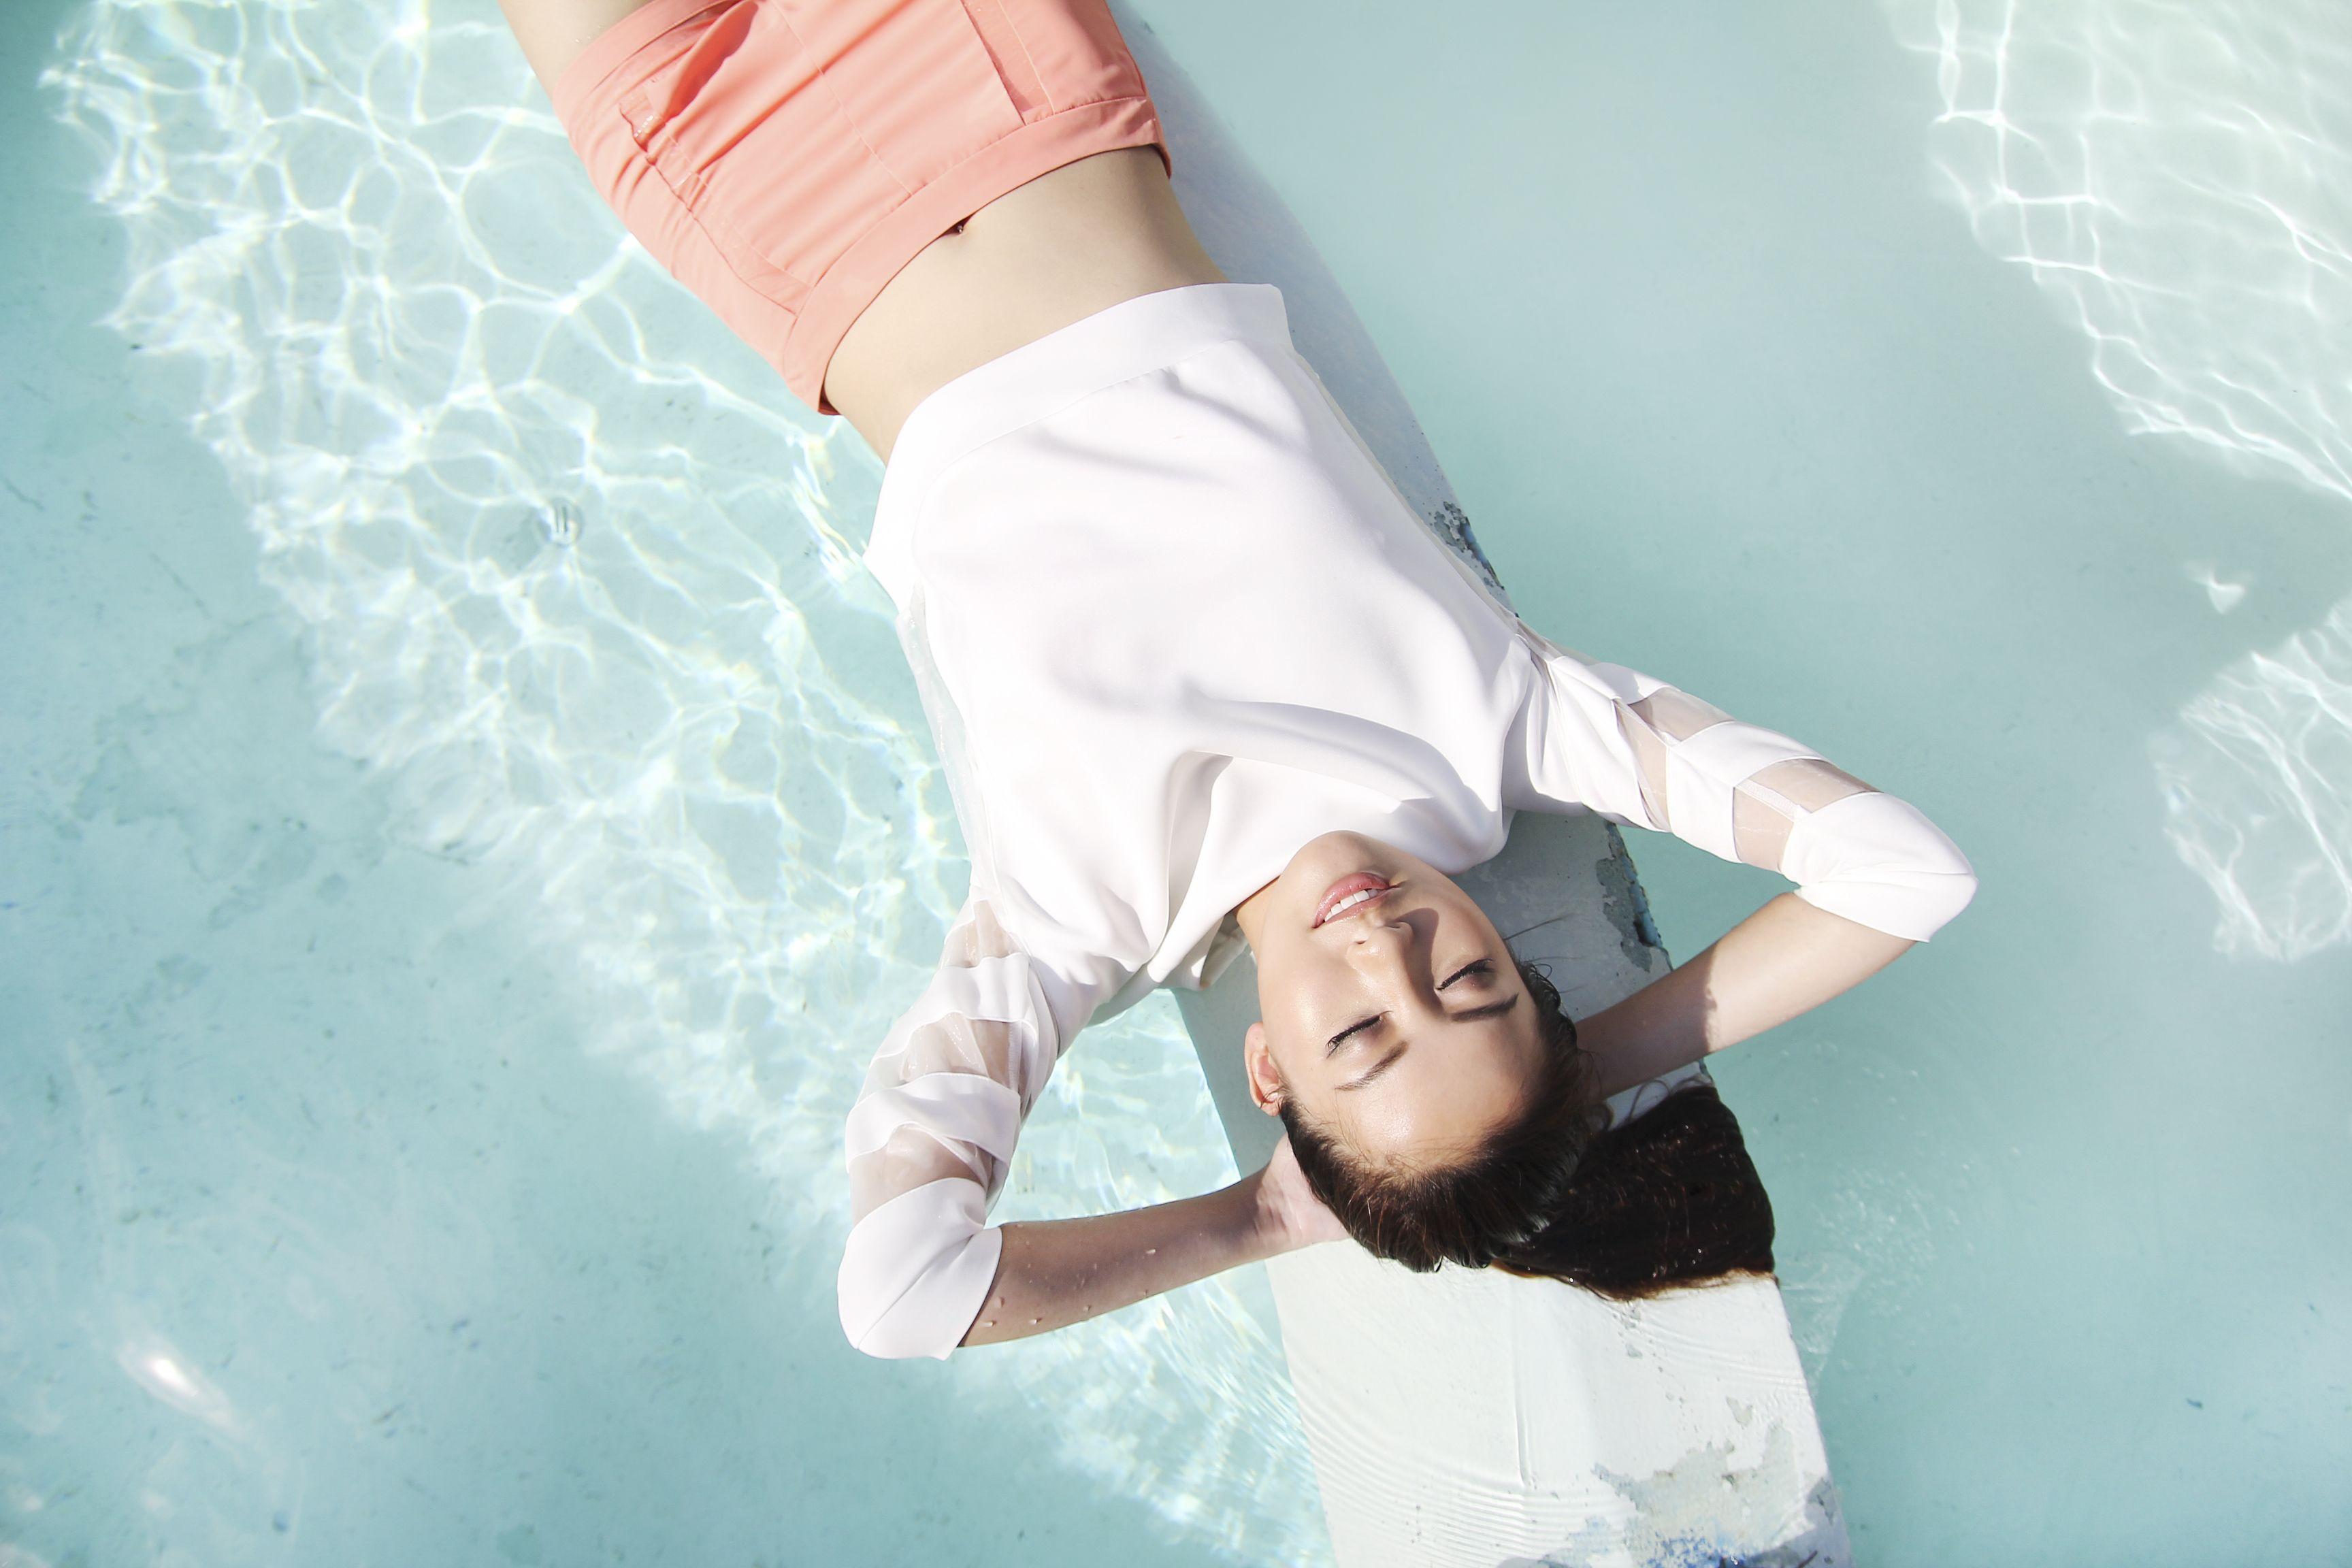 d15db67fbc5b Cheryl Wee for Klarra Bondi Organza Sweater Top & Clorri Organza Shorts